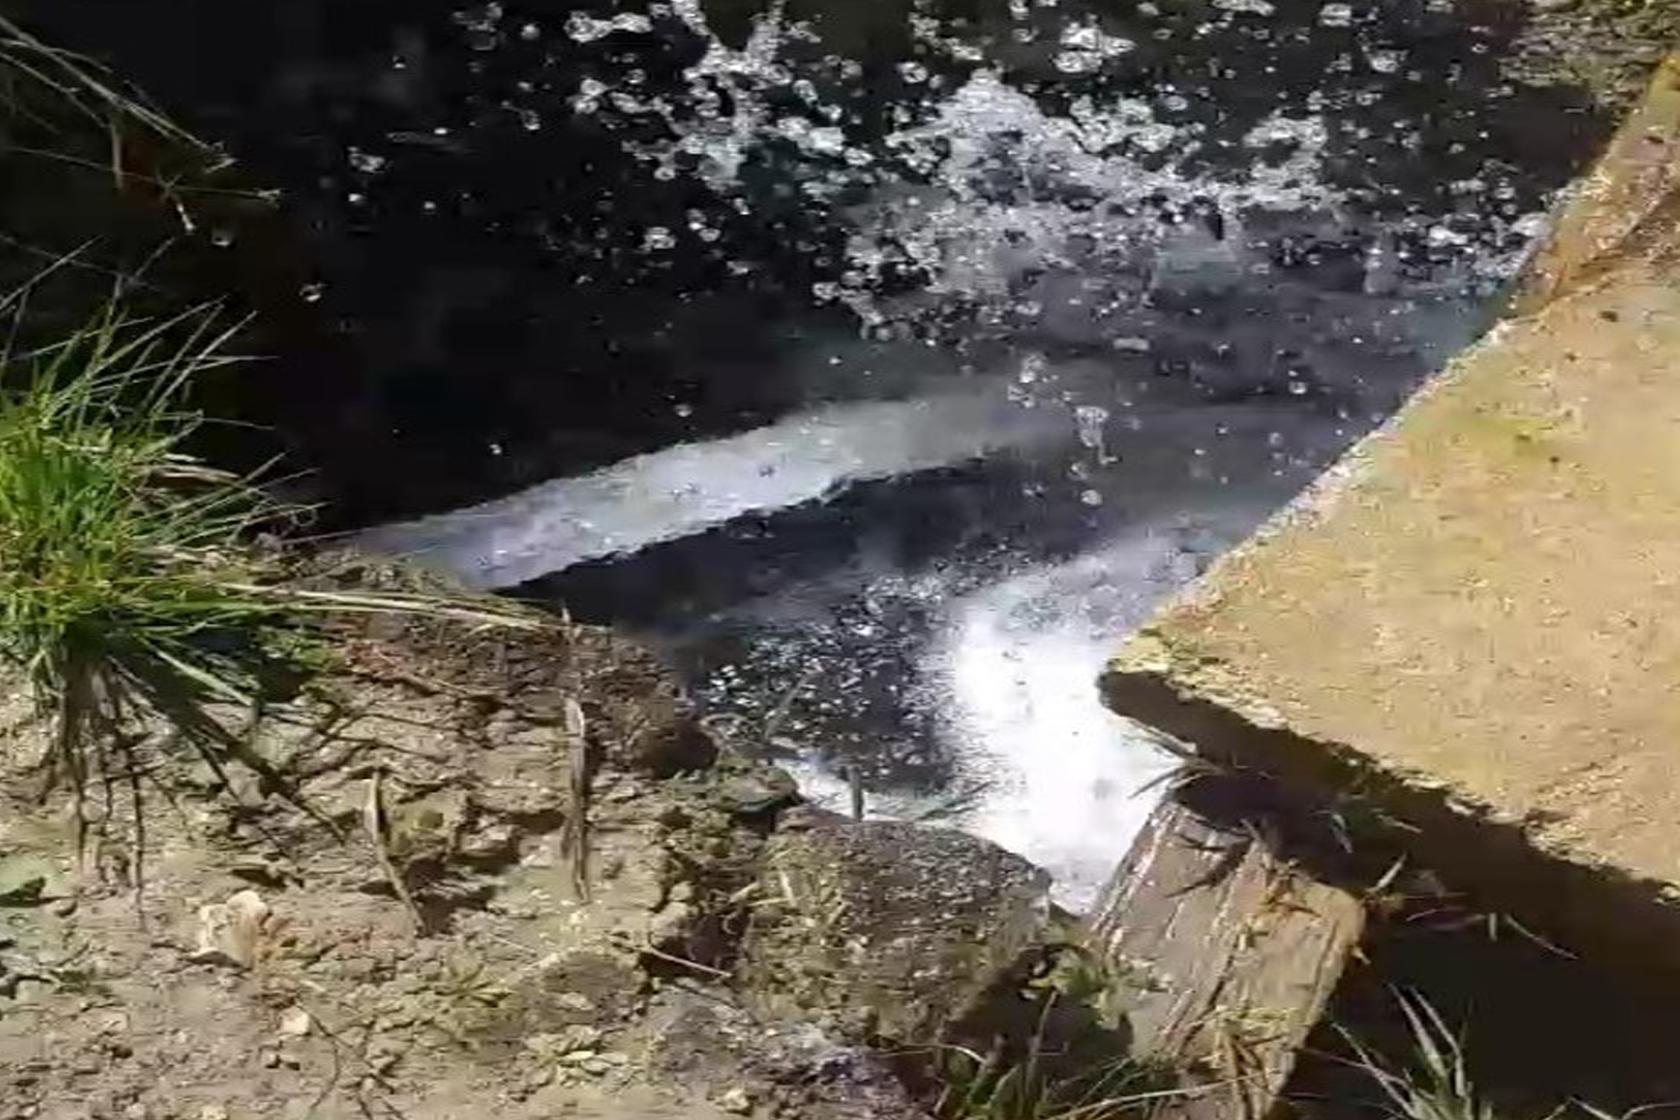 Üstü açık olan su kuyuları düşündürüyor